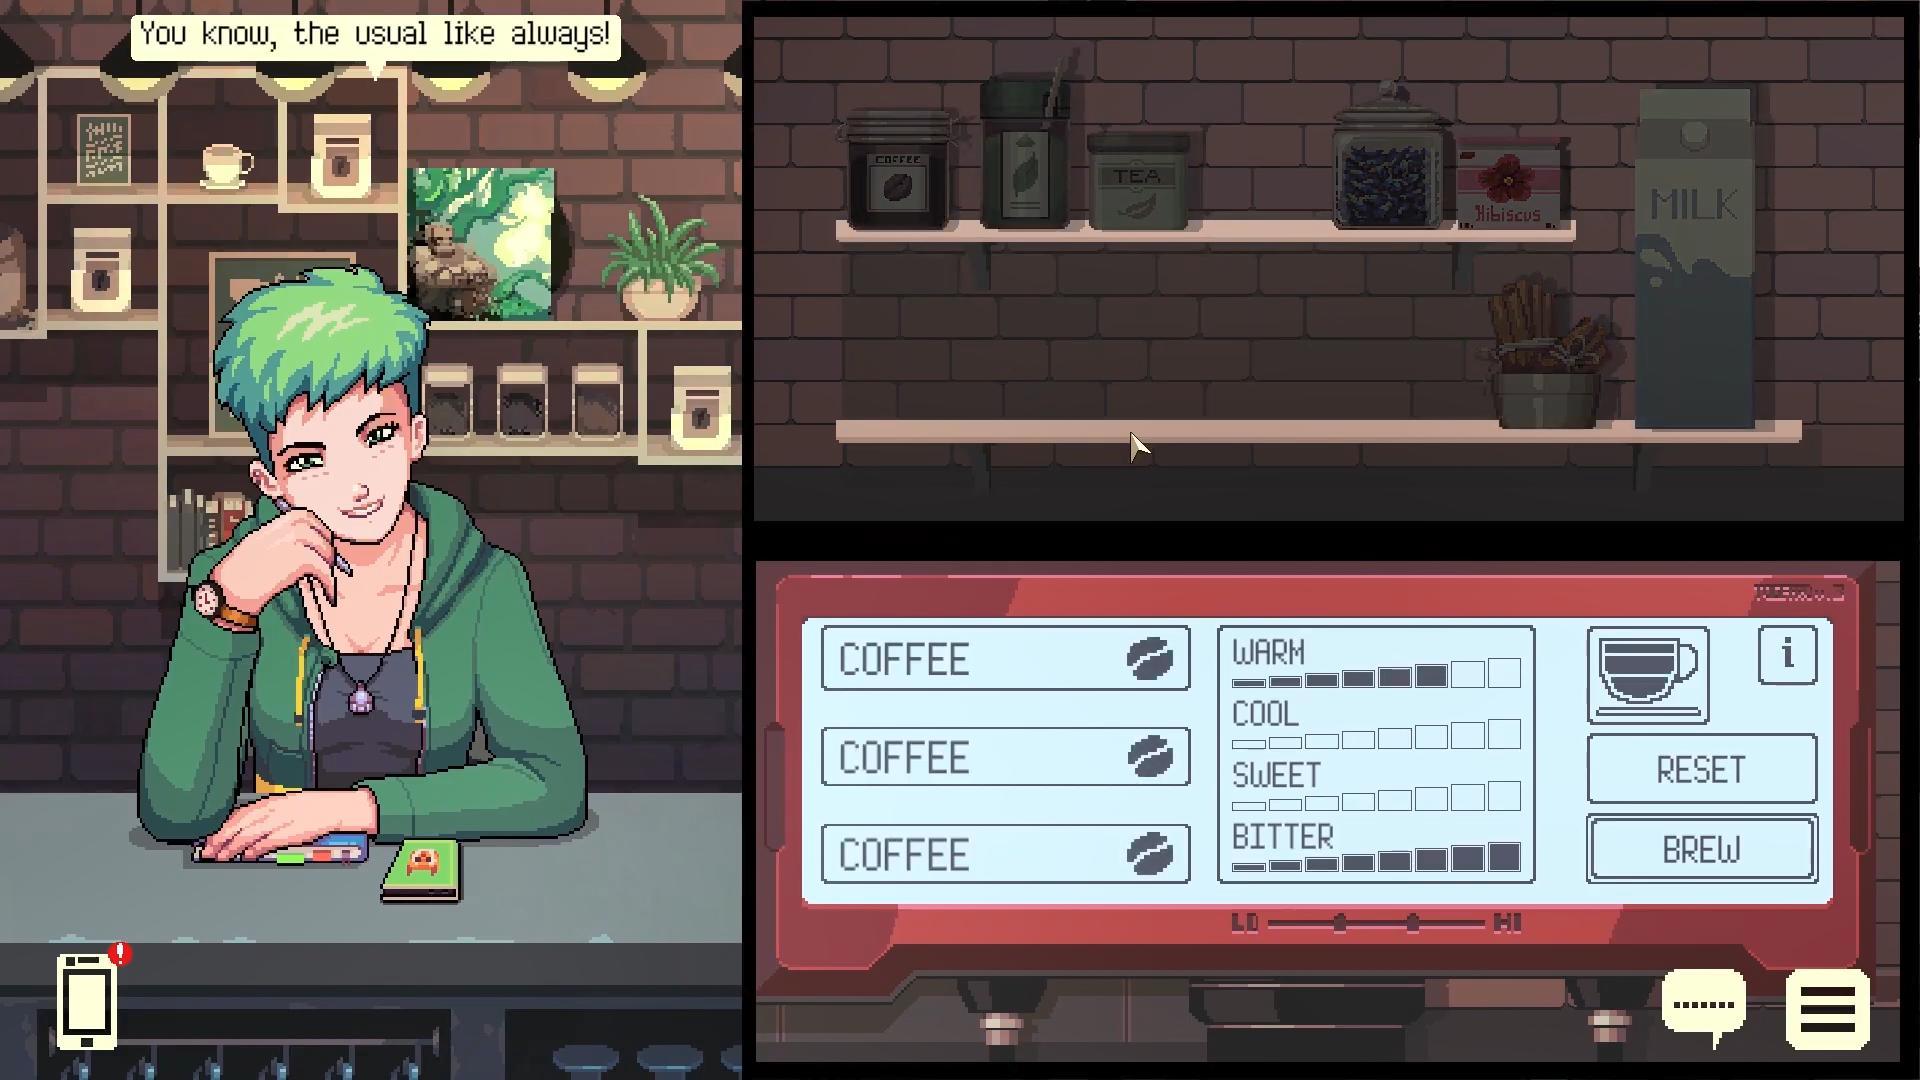 咖啡冲调模拟游戏《Coffee Talk》确认推出续作 2022年发售